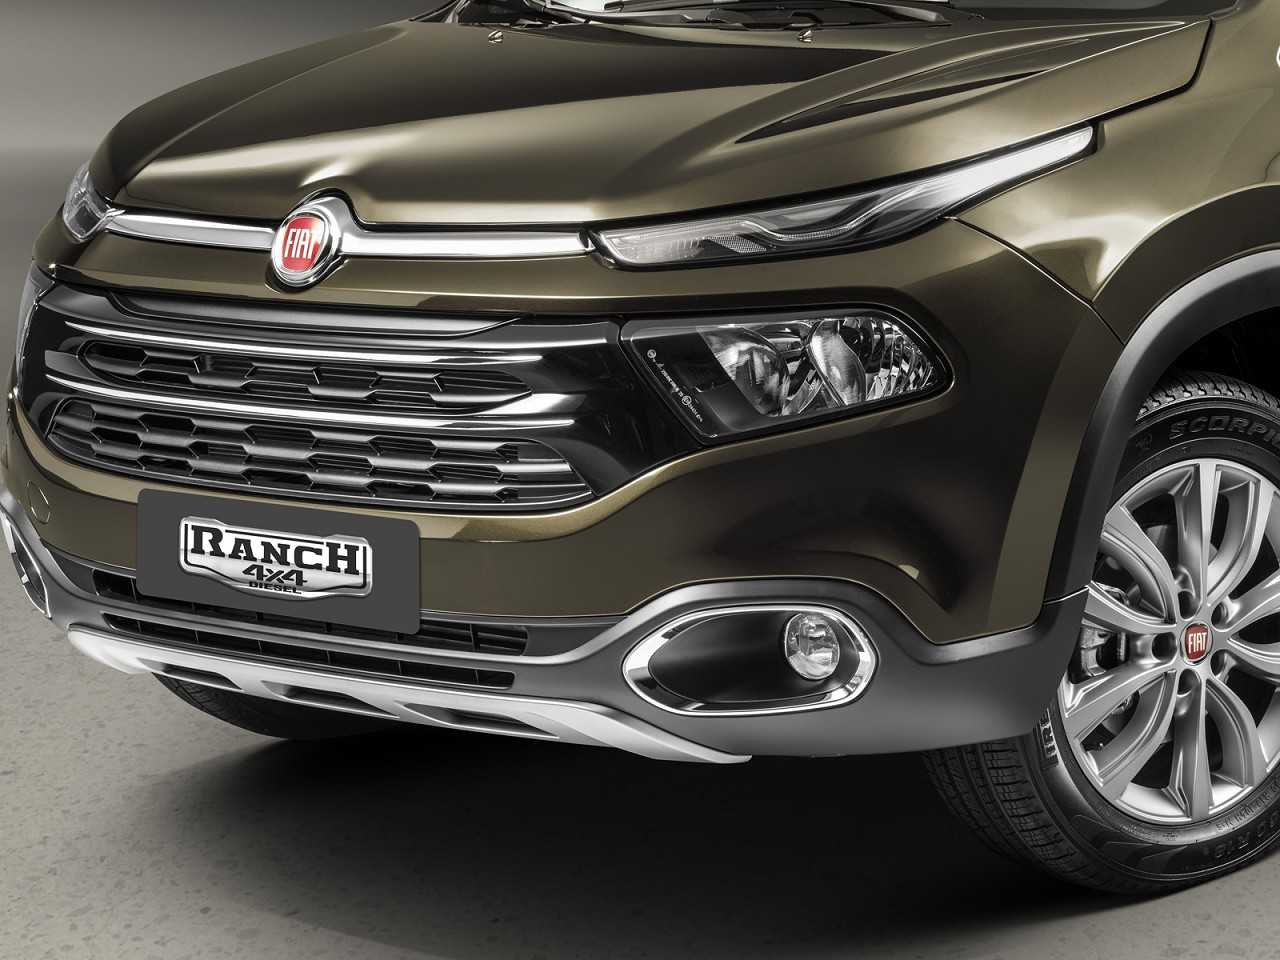 FiatToro 2019 - grade frontal